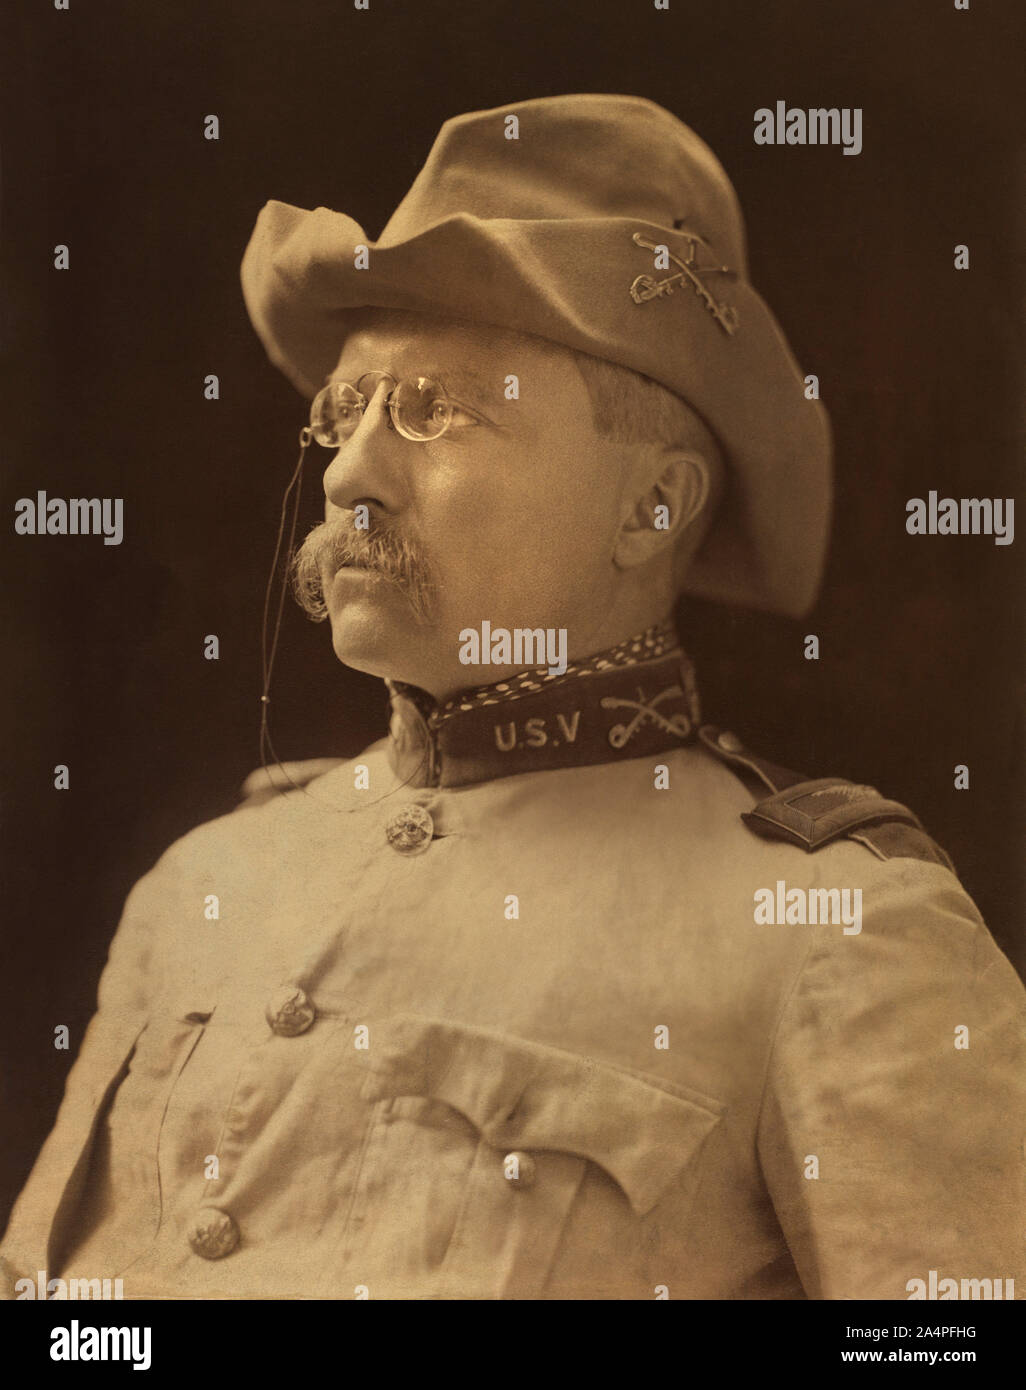 El Coronel Theodore Roosevelt, la cabeza y los hombros retrato en uniforme militar, Montauk, Nueva York, Estados Unidos, Fotografía por Benjamin J. Falk, octubre de 1898 Foto de stock